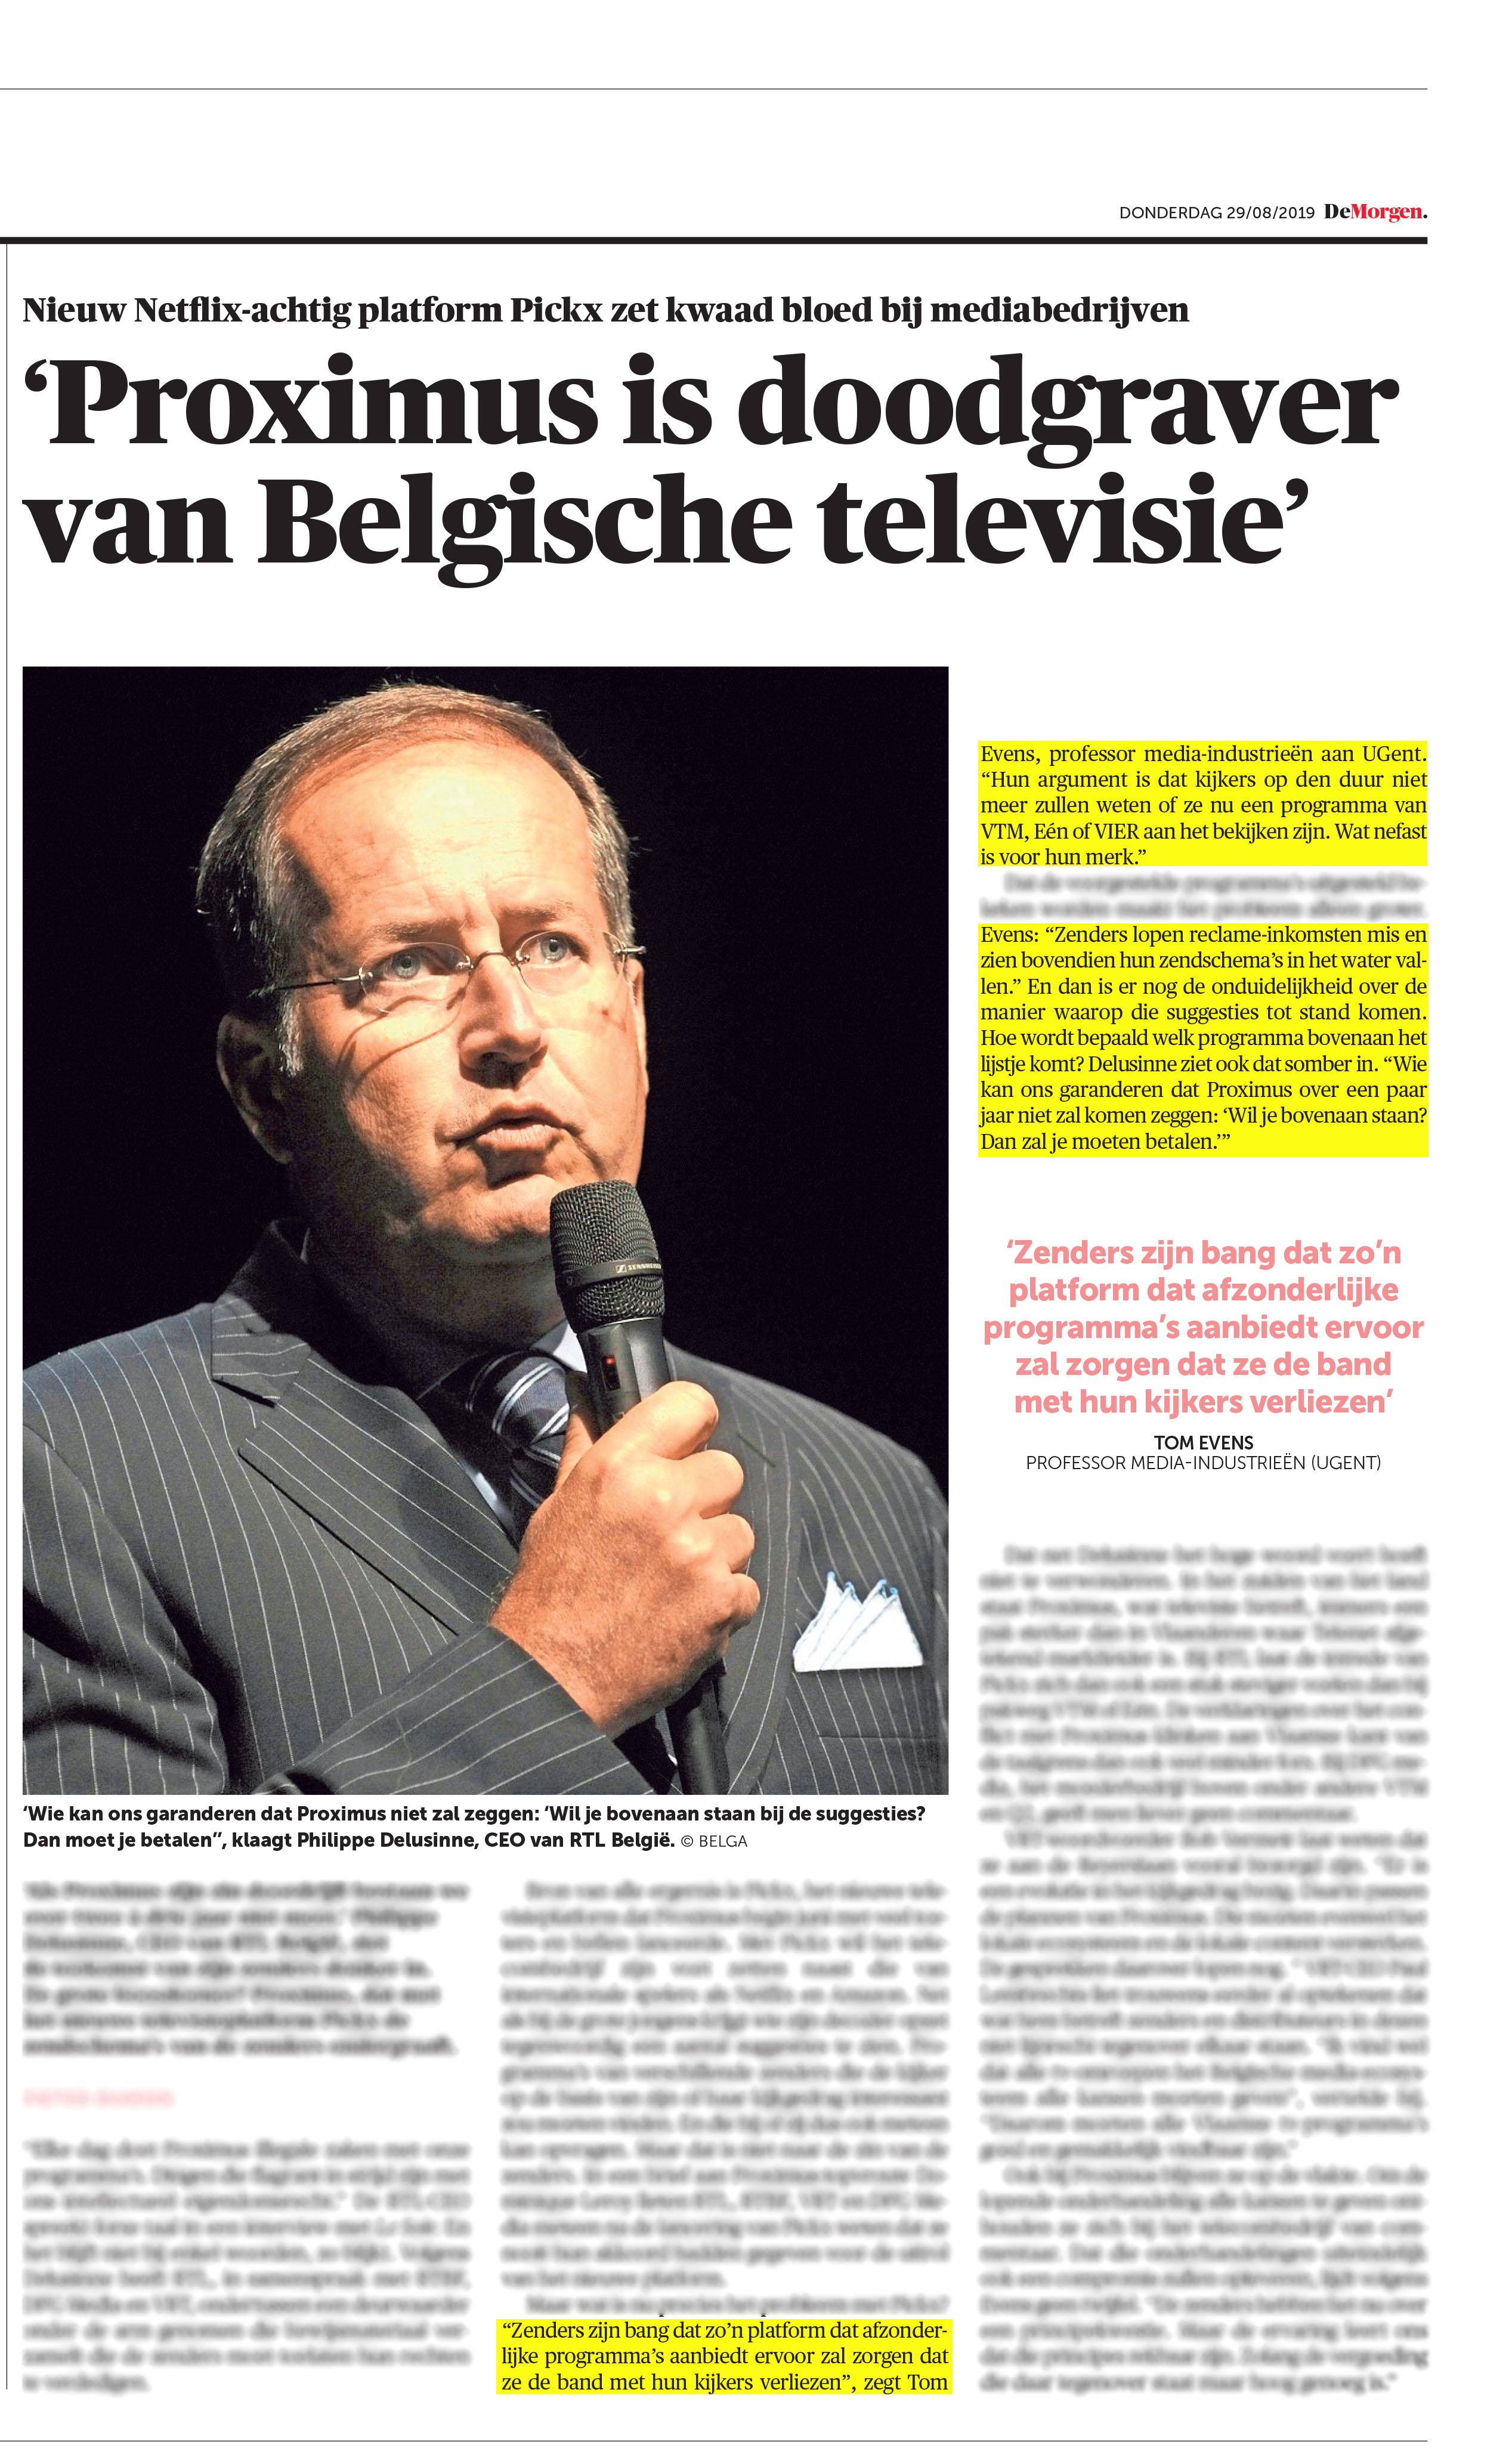 BRON: De Morgen, 29/08/2019, p 14